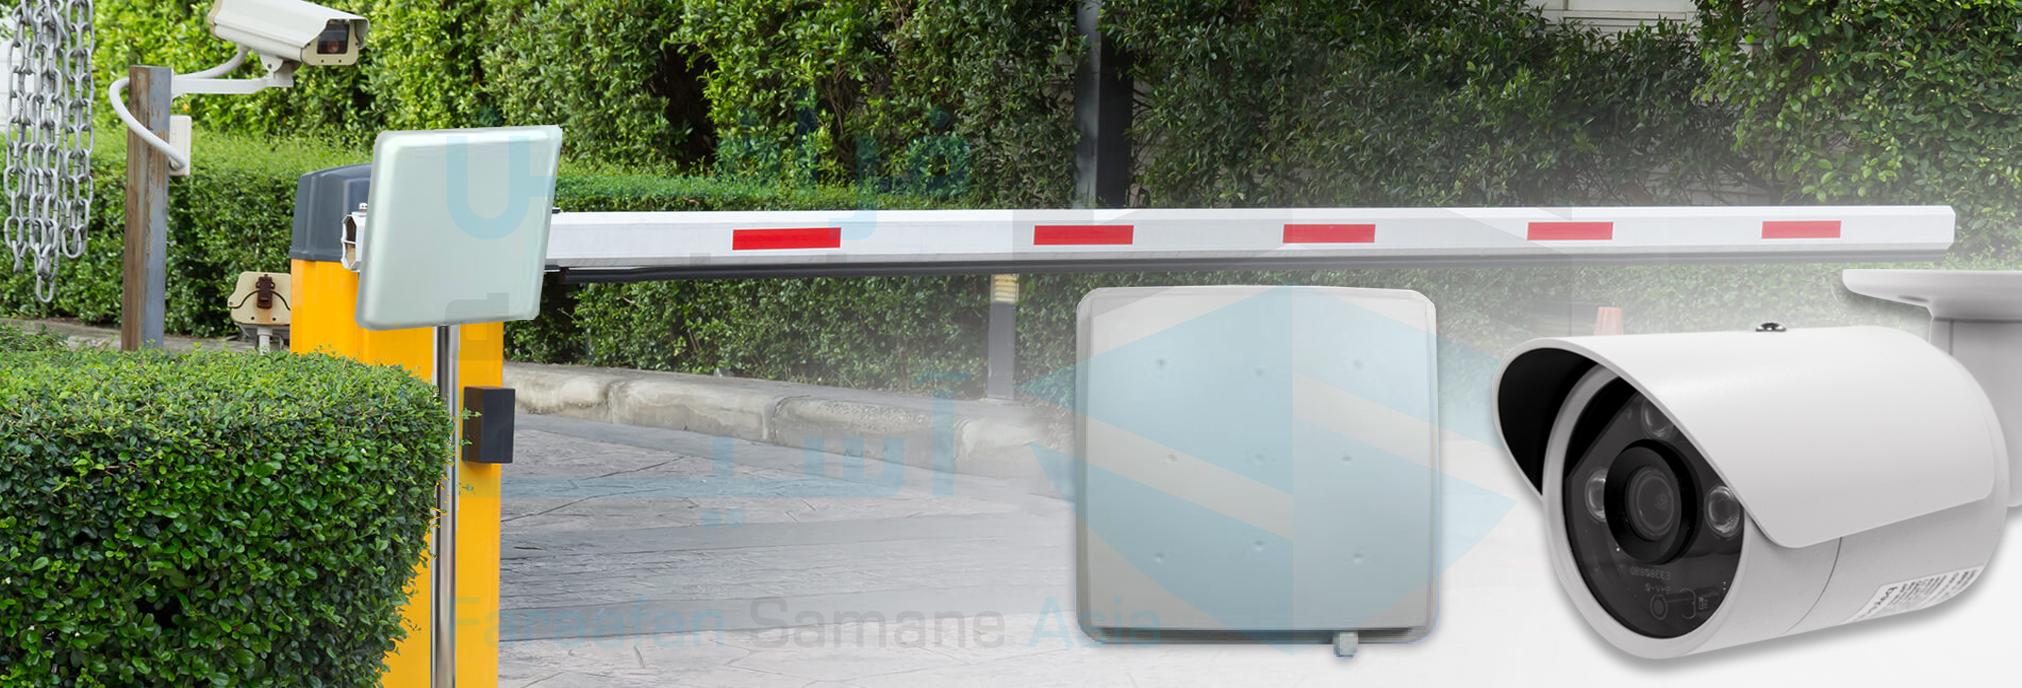 کنترل تردد پارکینگ اختصاصی، آنتن های برد بلند RFID یا سیستم پلاک خوان ؟